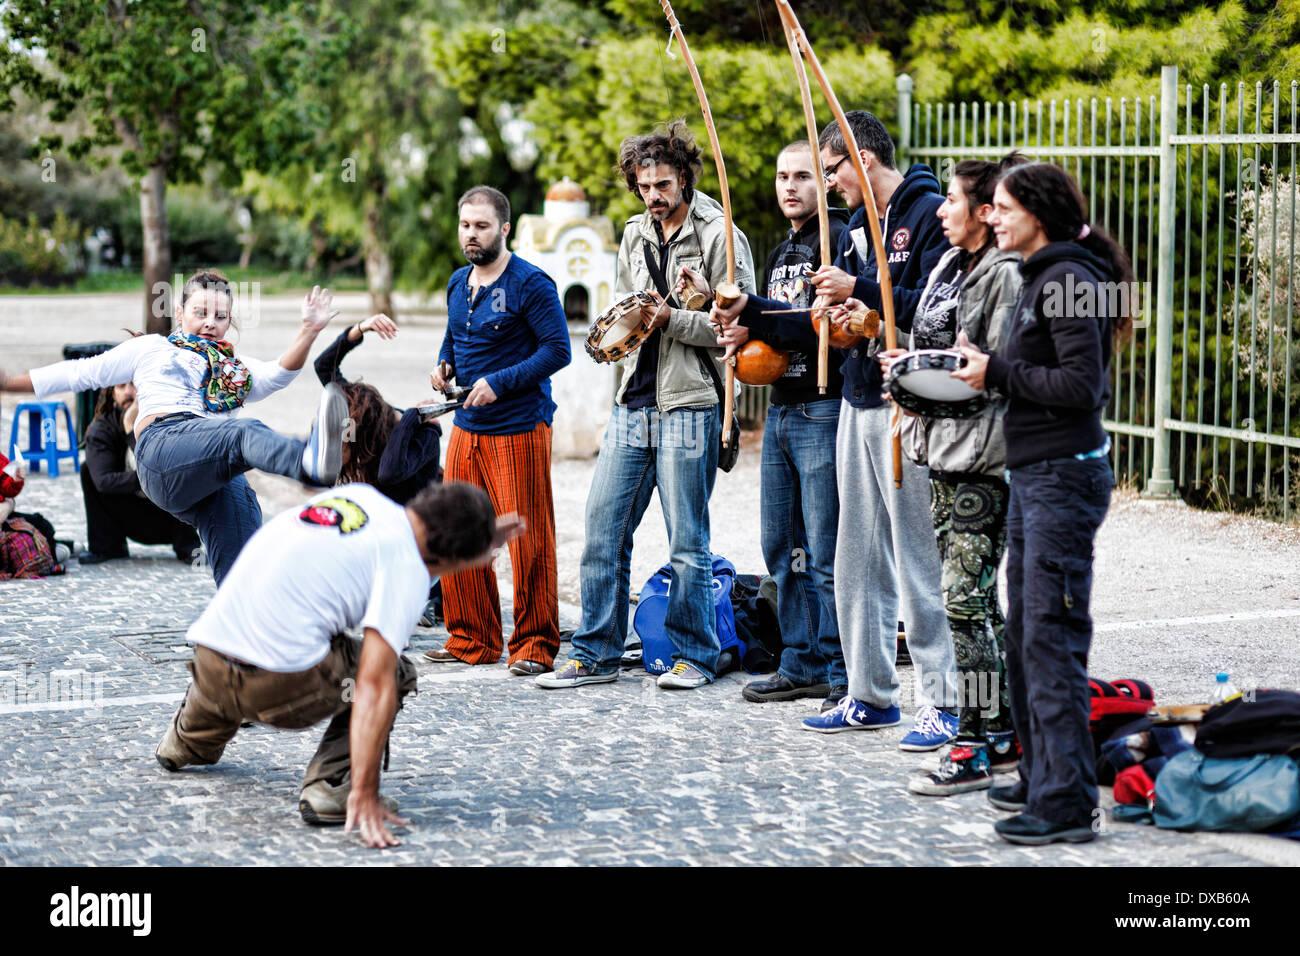 Capoeira in strada di Atene, Grecia Immagini Stock